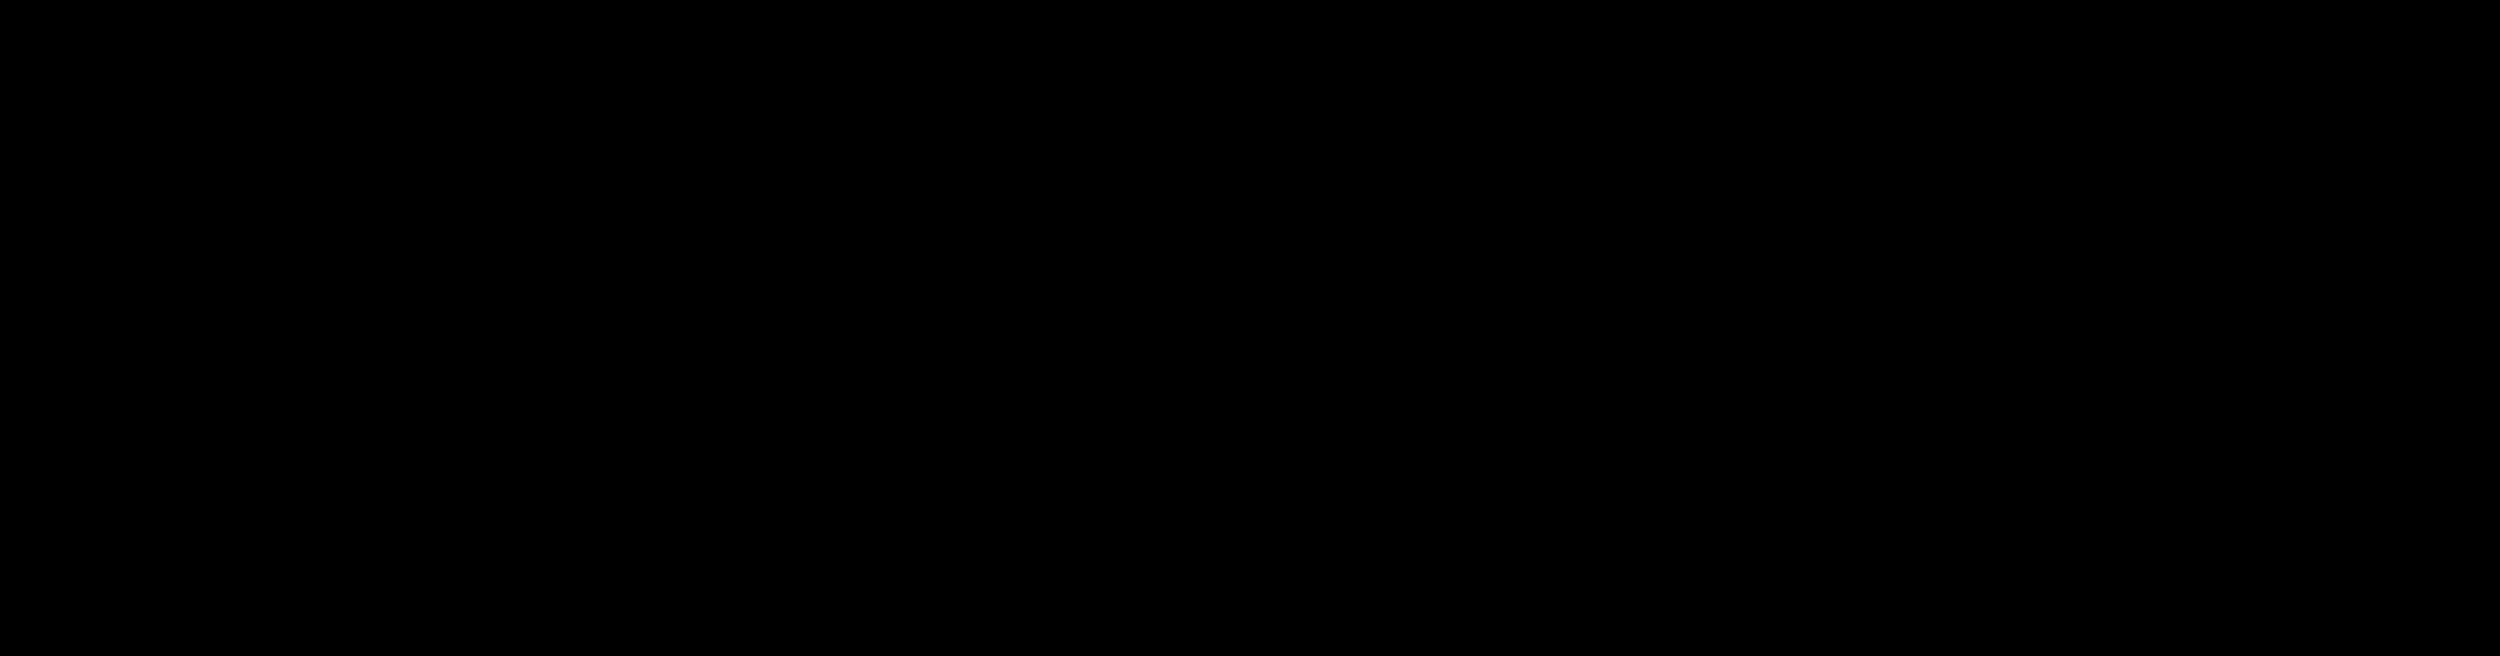 AWAL_logotype.png